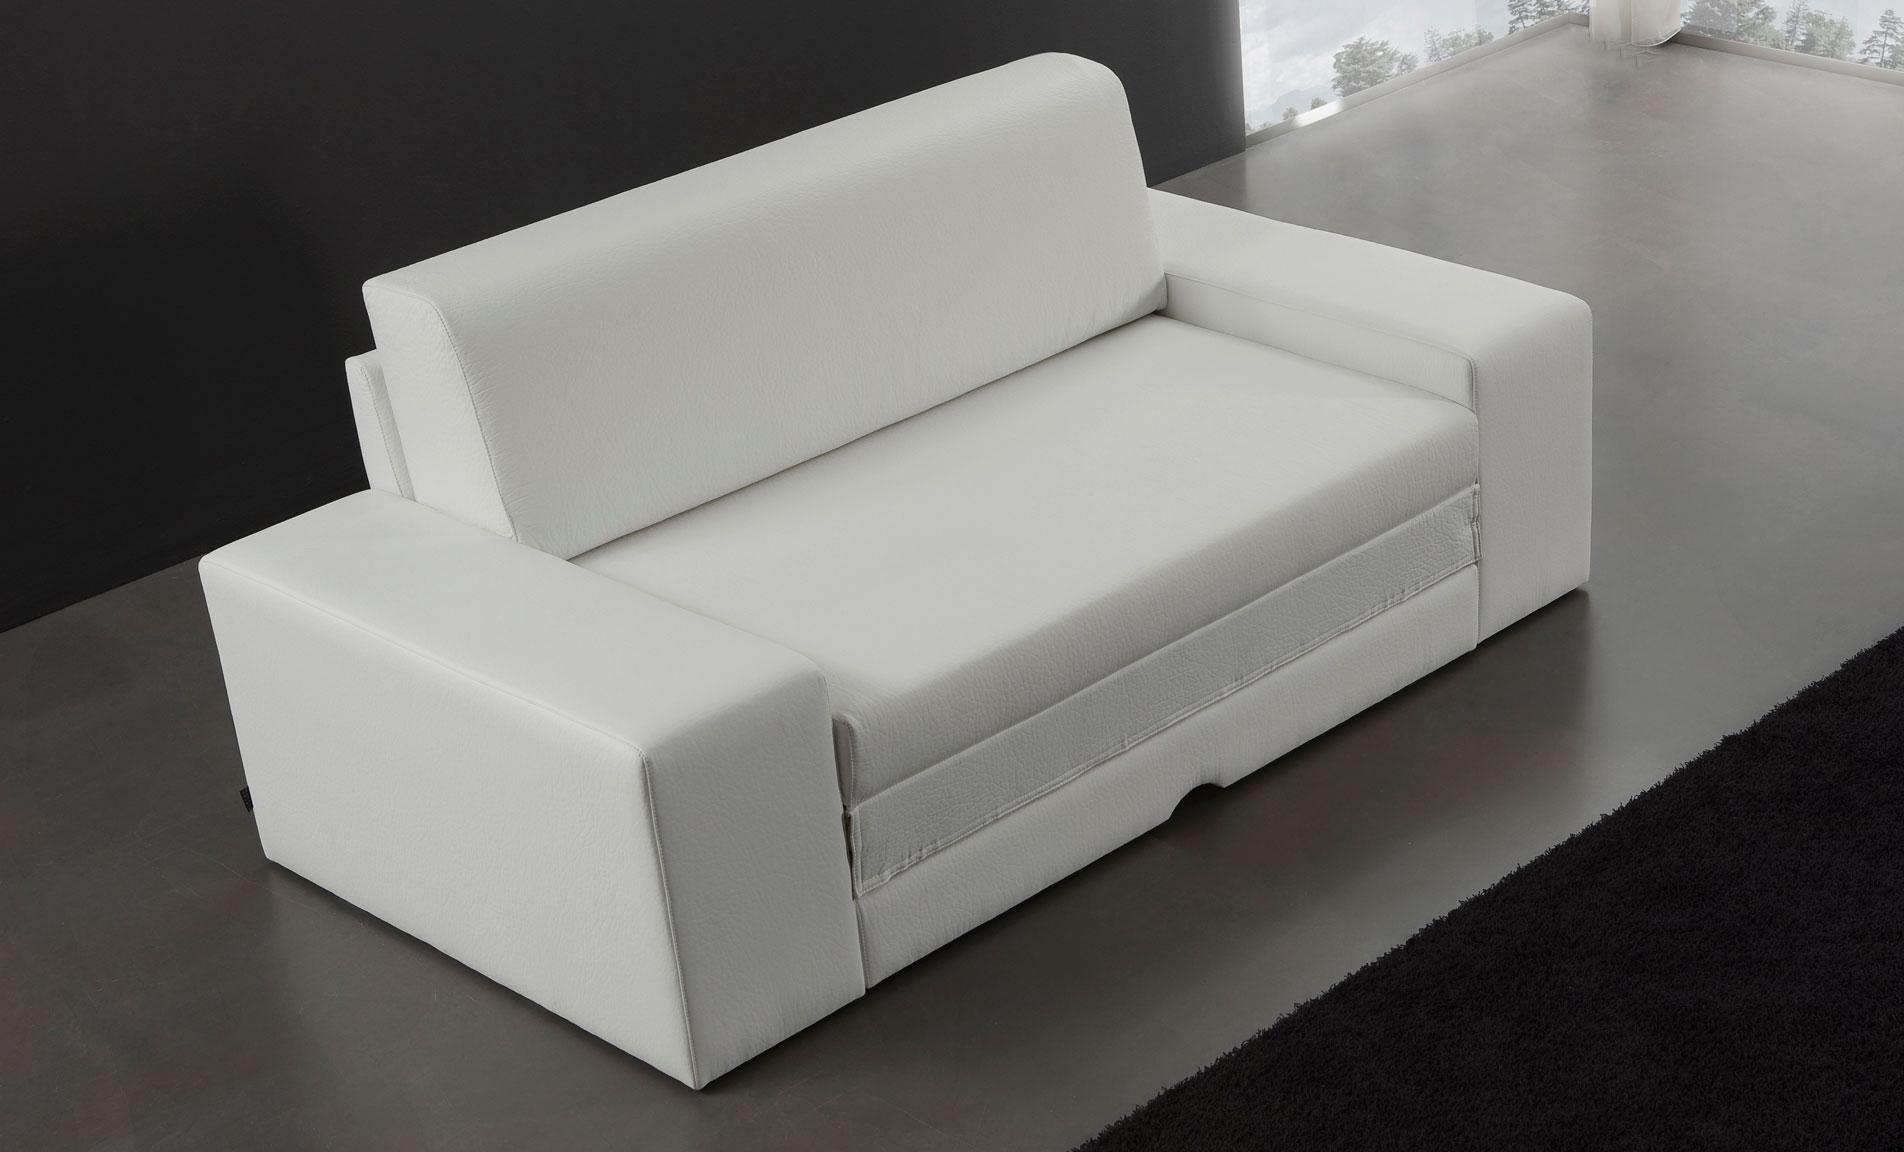 Sof cama de 195 moderno land en cosas de arquitectoscosas for Sofa cama diseno moderno